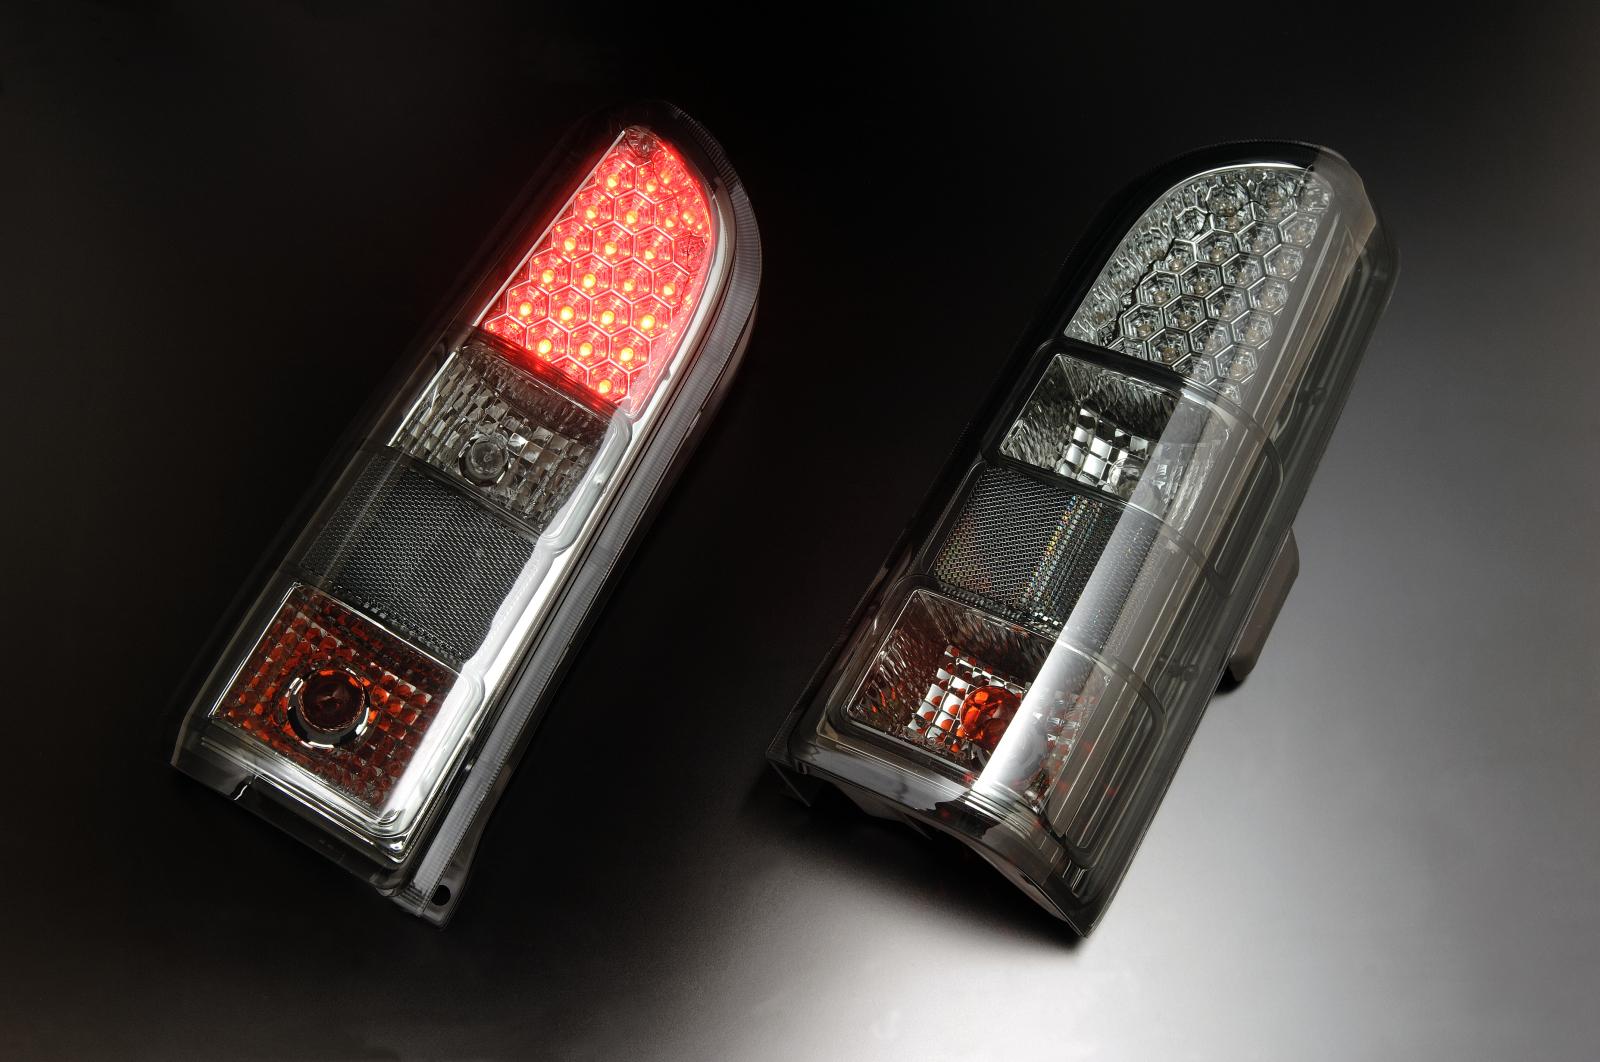 スズキ エブリー DA52・DA62/DB52用 1999/01~2005/08 (H11/01~H17/08)クリアワールド LEDクリアテールランプ CTS-16 テールランプ テールレンズ